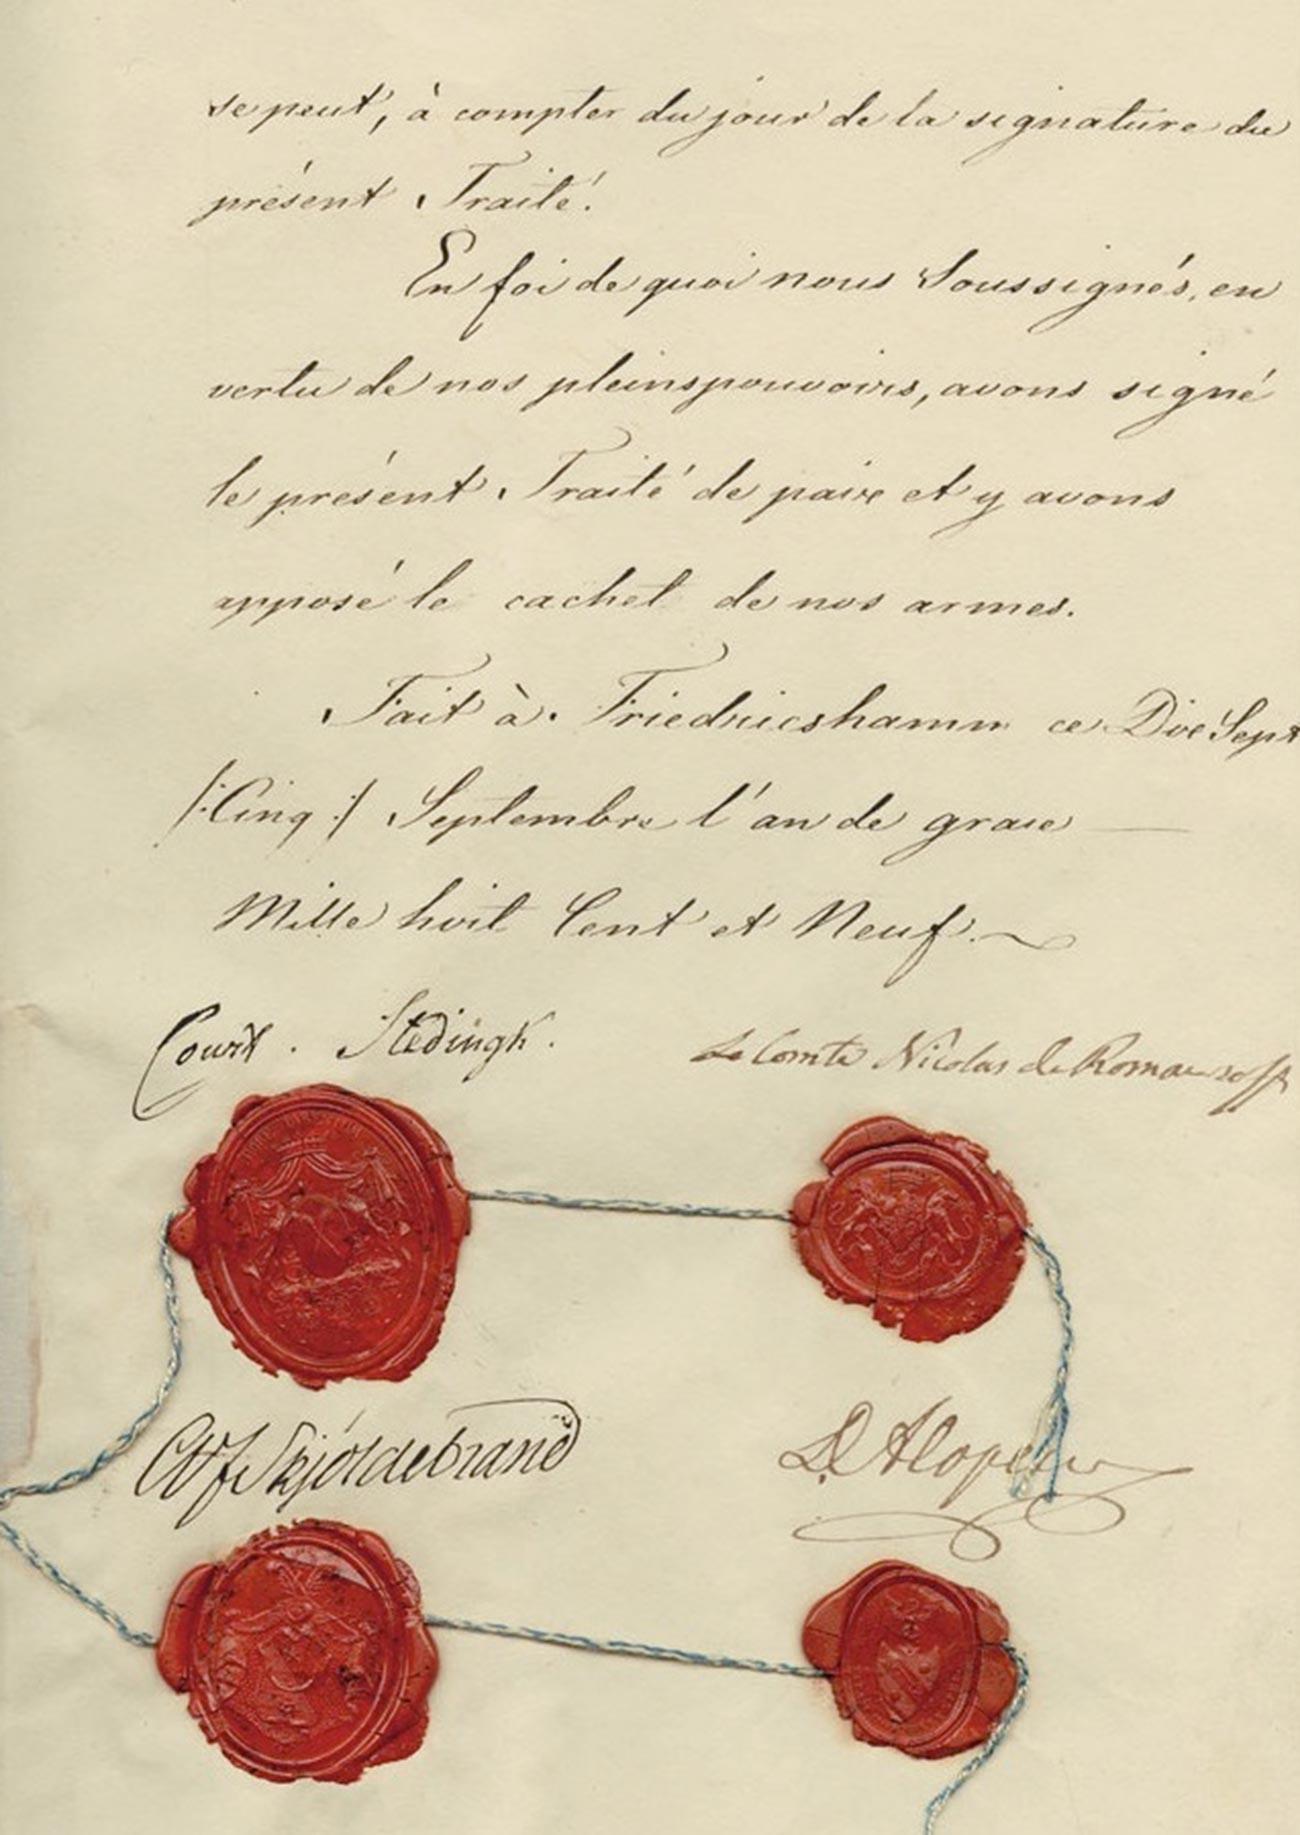 Traité de paix de Fredrikshamn